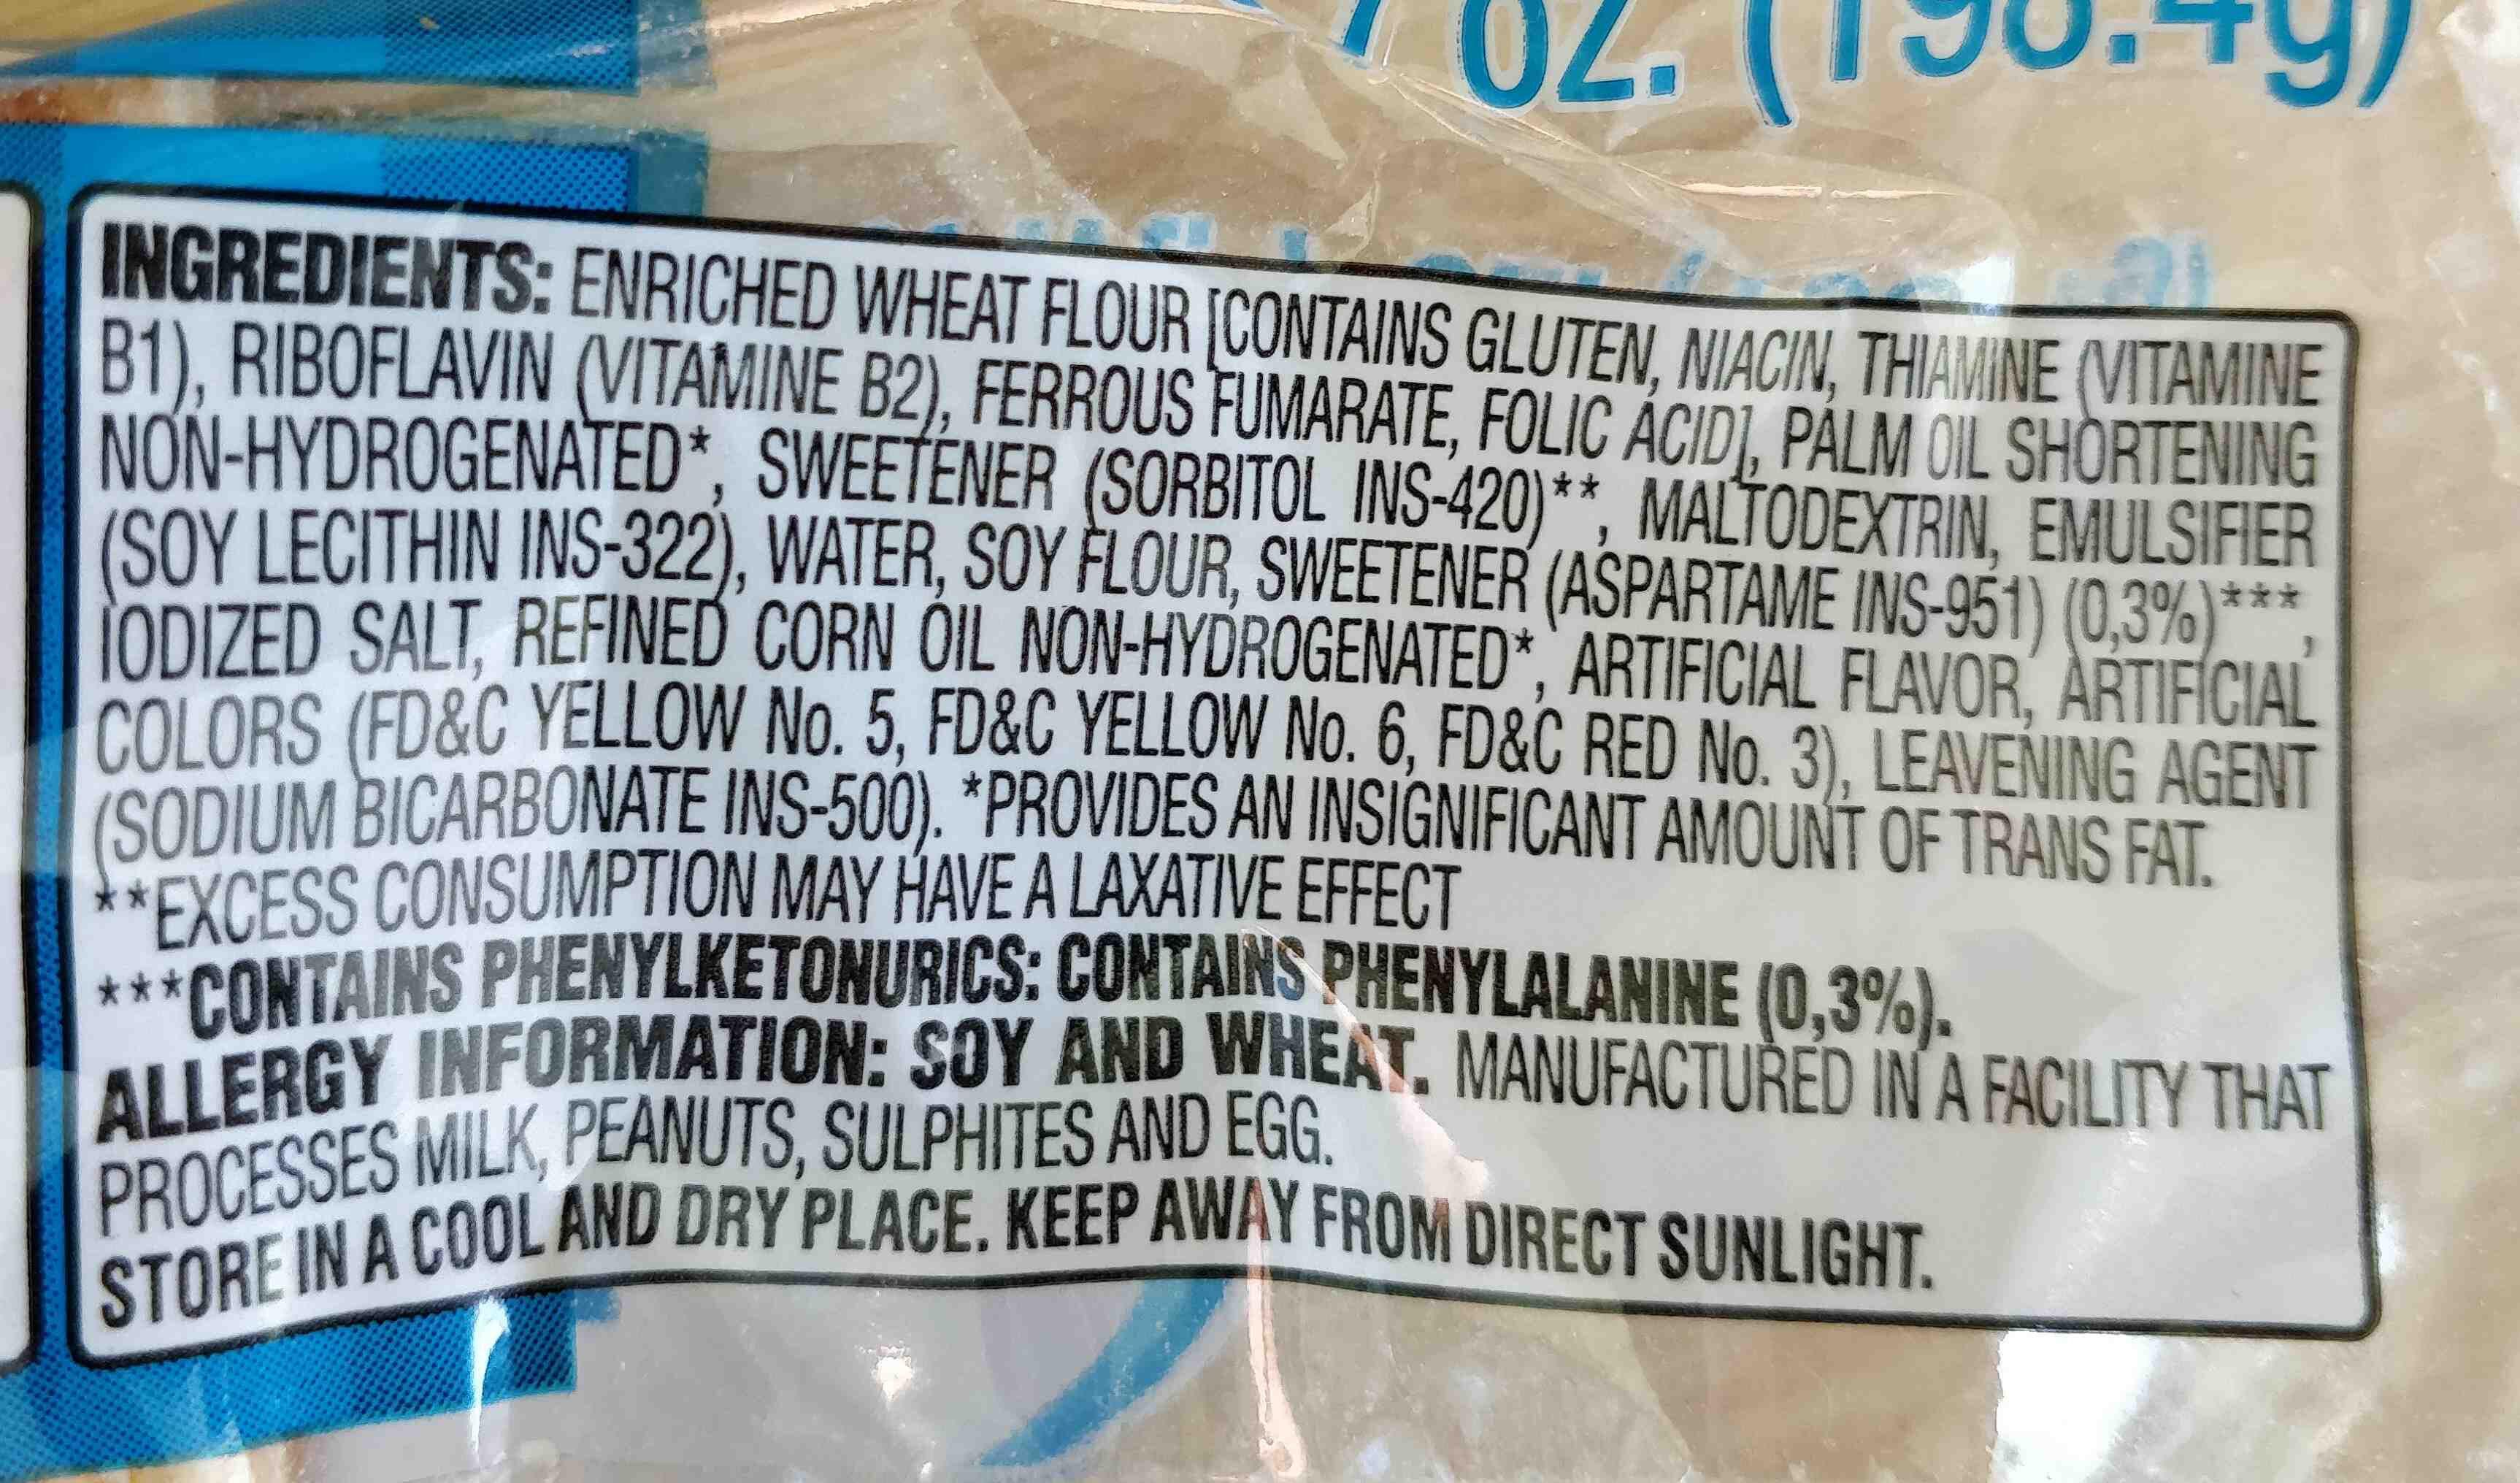 sugar free wafers - Ingredients - en